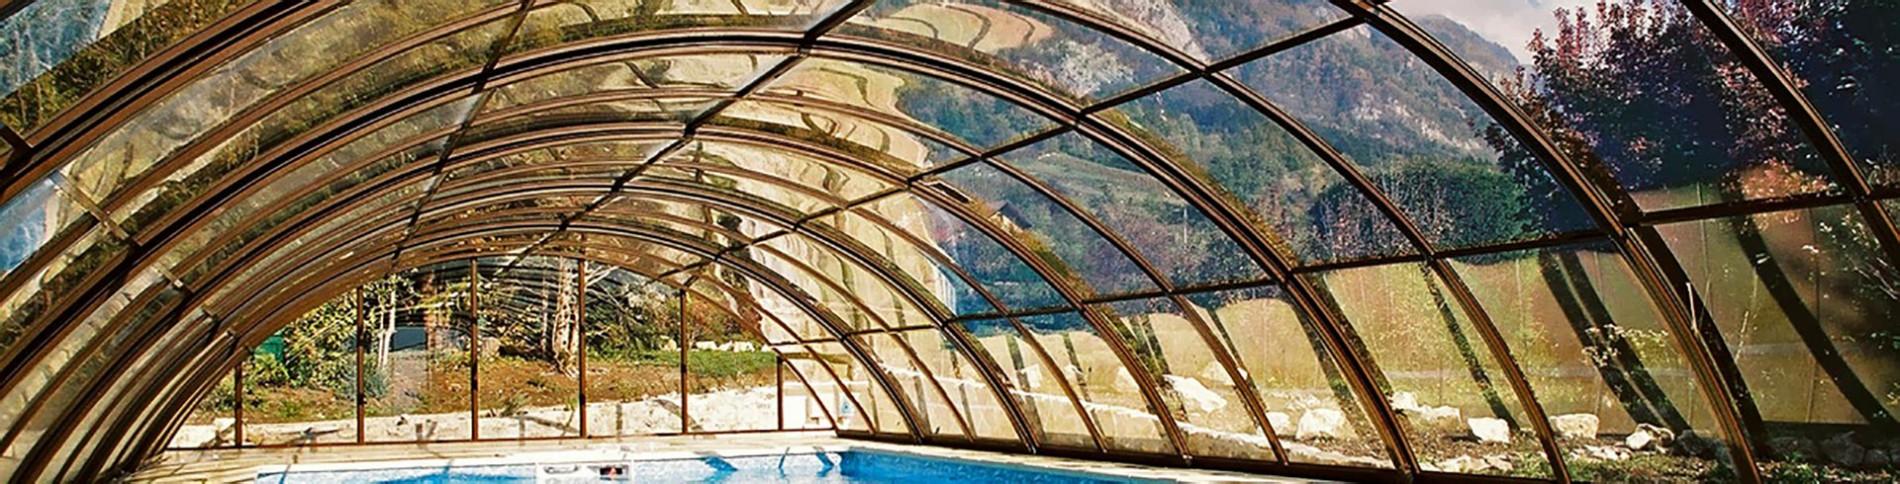 павильоны для бассейнов - не преграда а дополнение